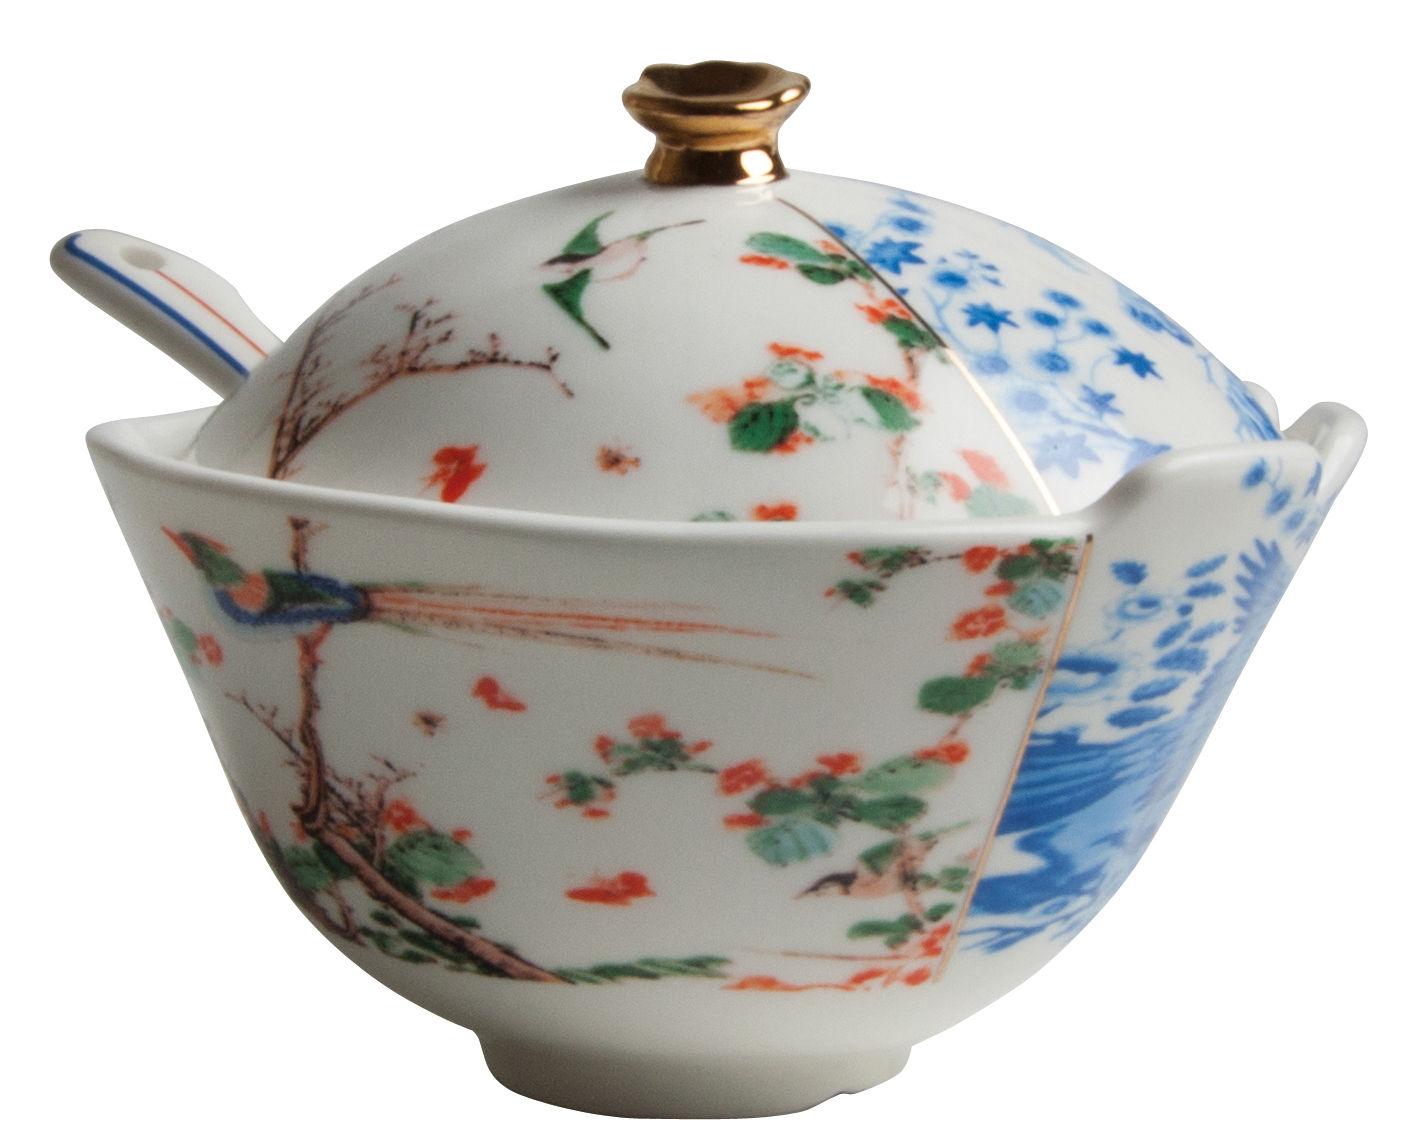 Kitchenware - Sugar Bowls, Milk Pots & Creamers - Hybrid Maurilia Sugar bowl by Seletti - Multicolored - Bone china